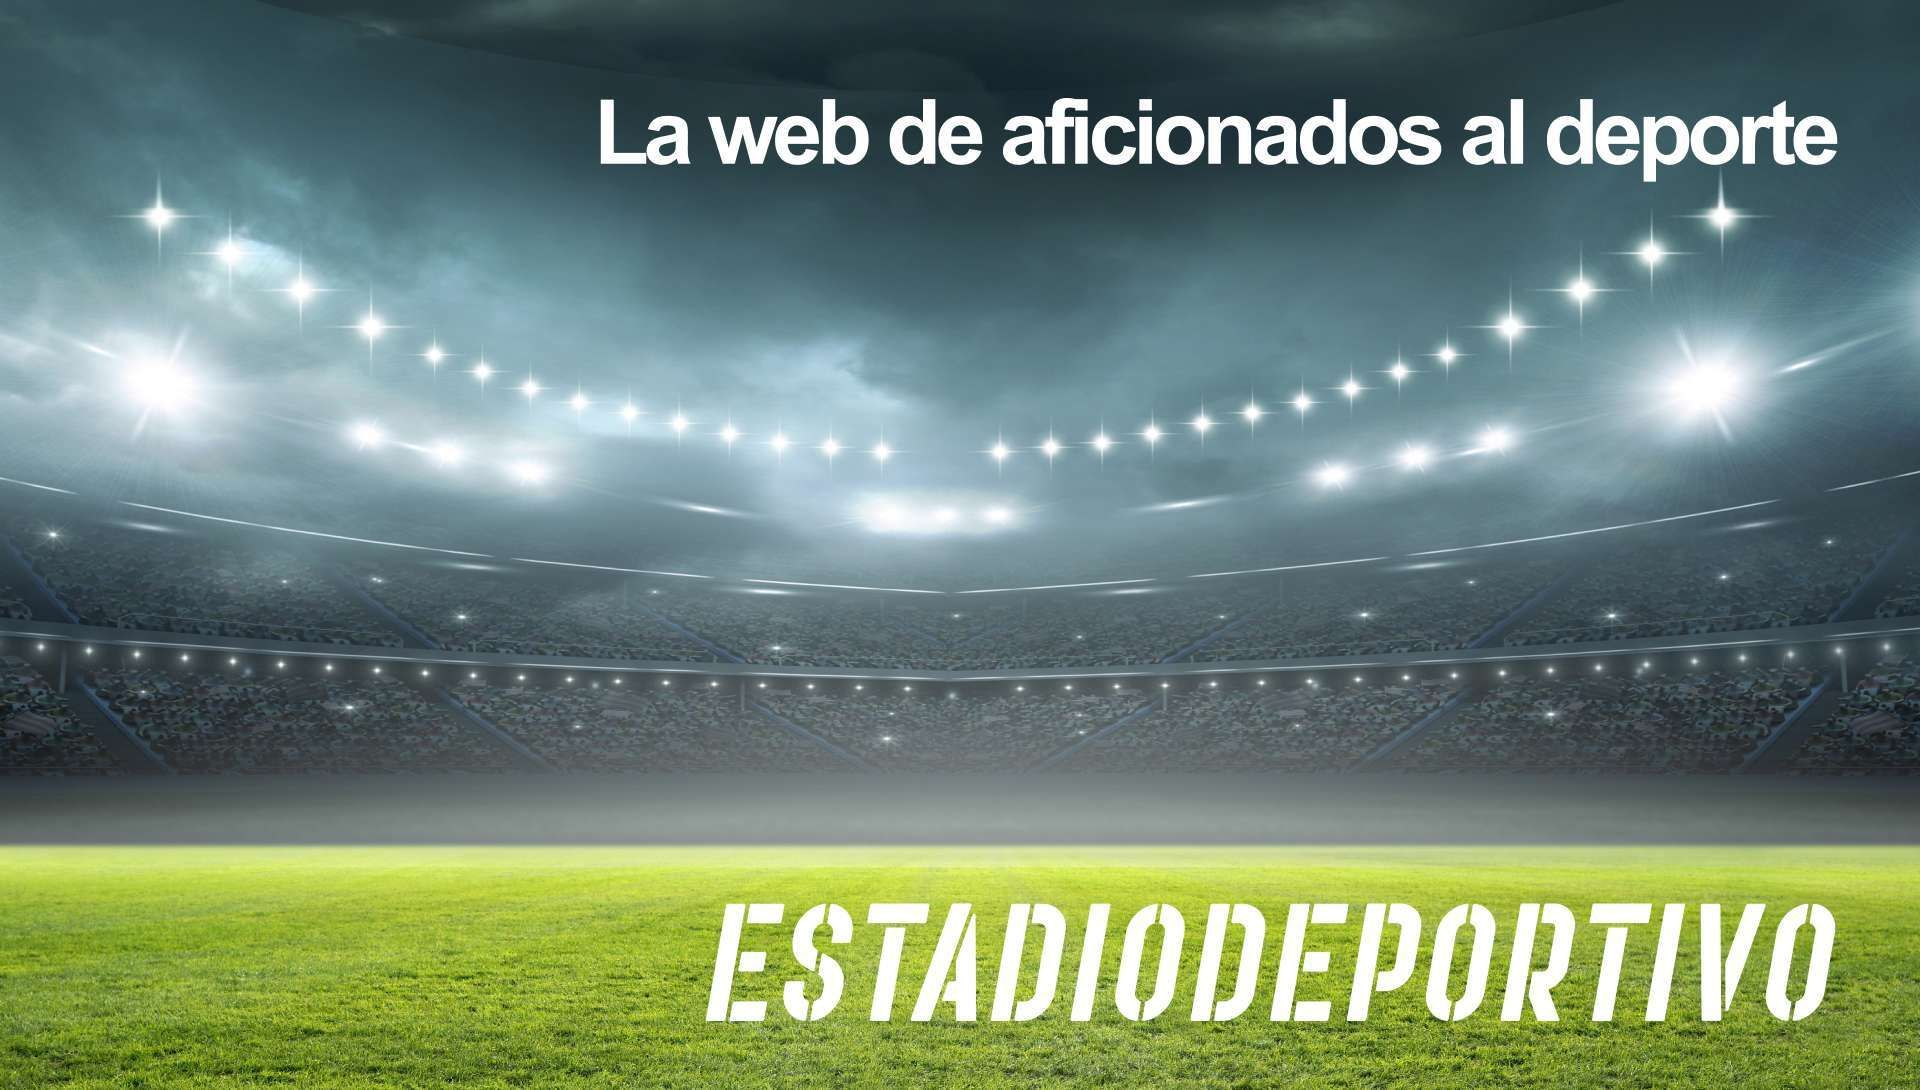 Los favoritos para conquistar la Europa League